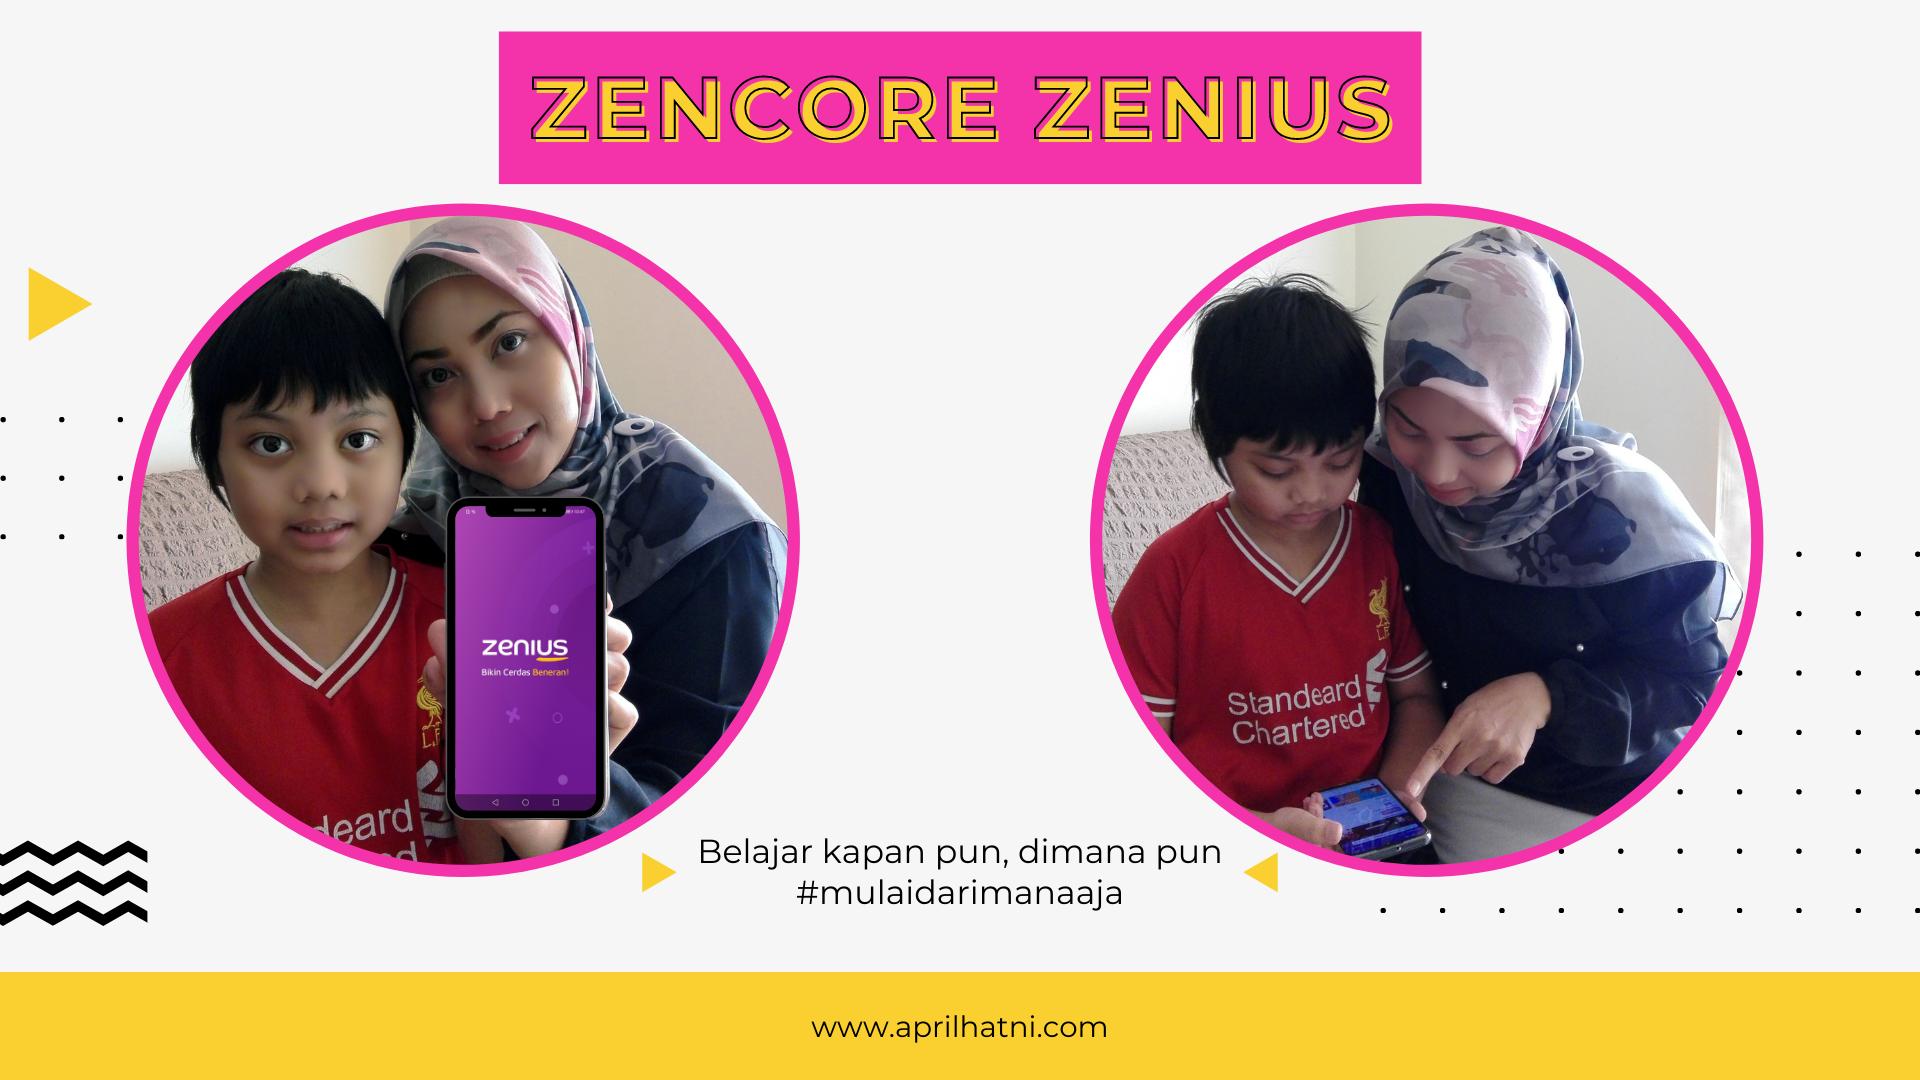 daya ingat makin kuat karena latihan di fitur zencore yang tersedia di aplikasi zenius